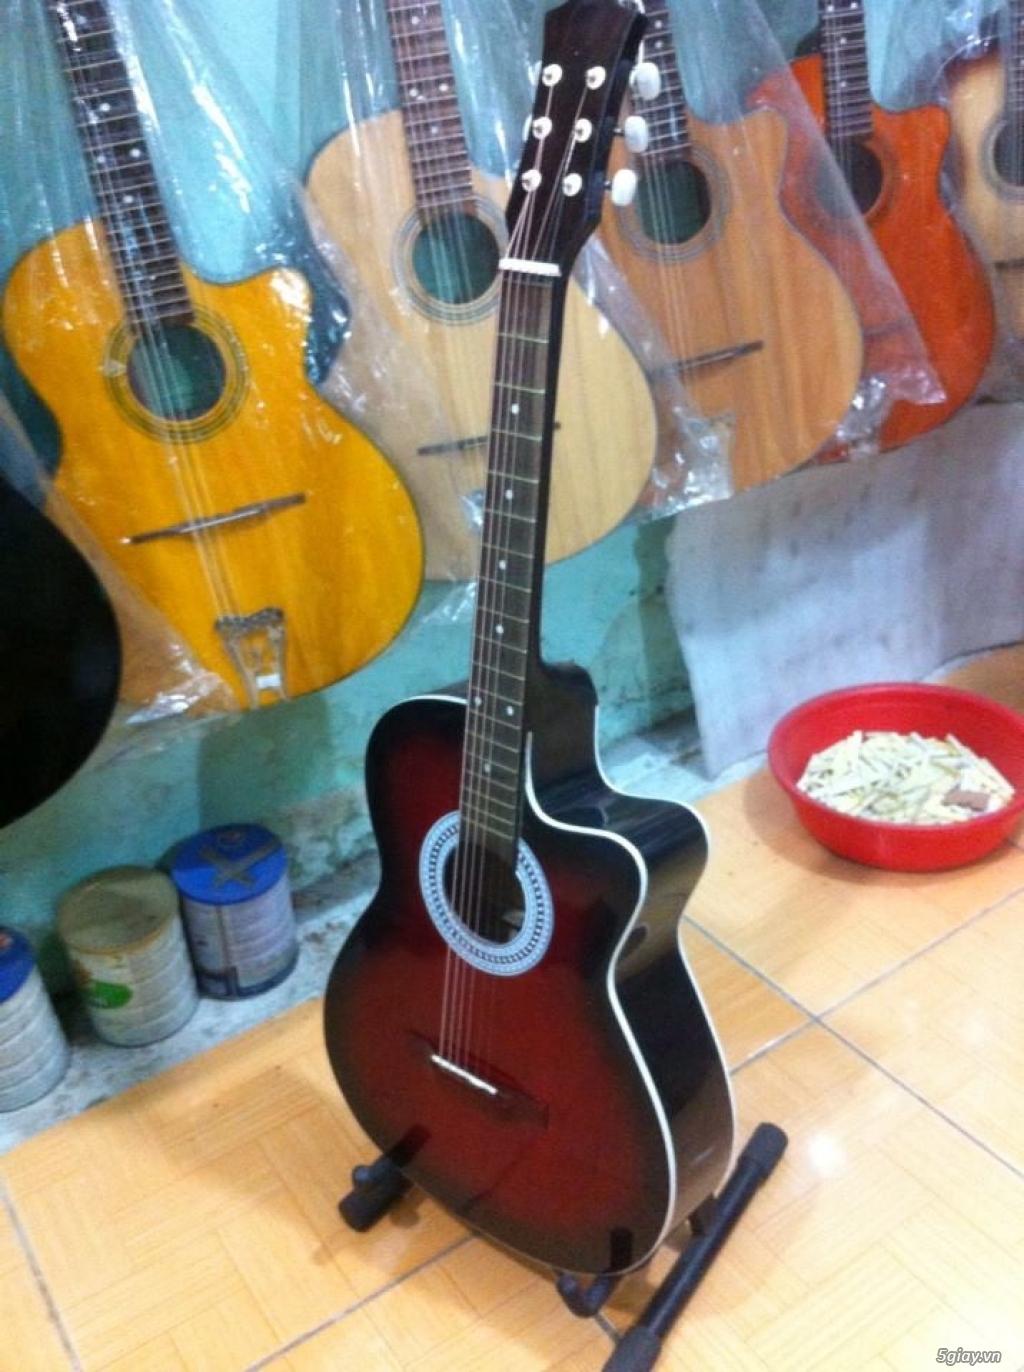 bán Đàn Guitar Giá Rẻ từ 390k tại cửa hàng nhạc cụ mới Bình Dương - 6